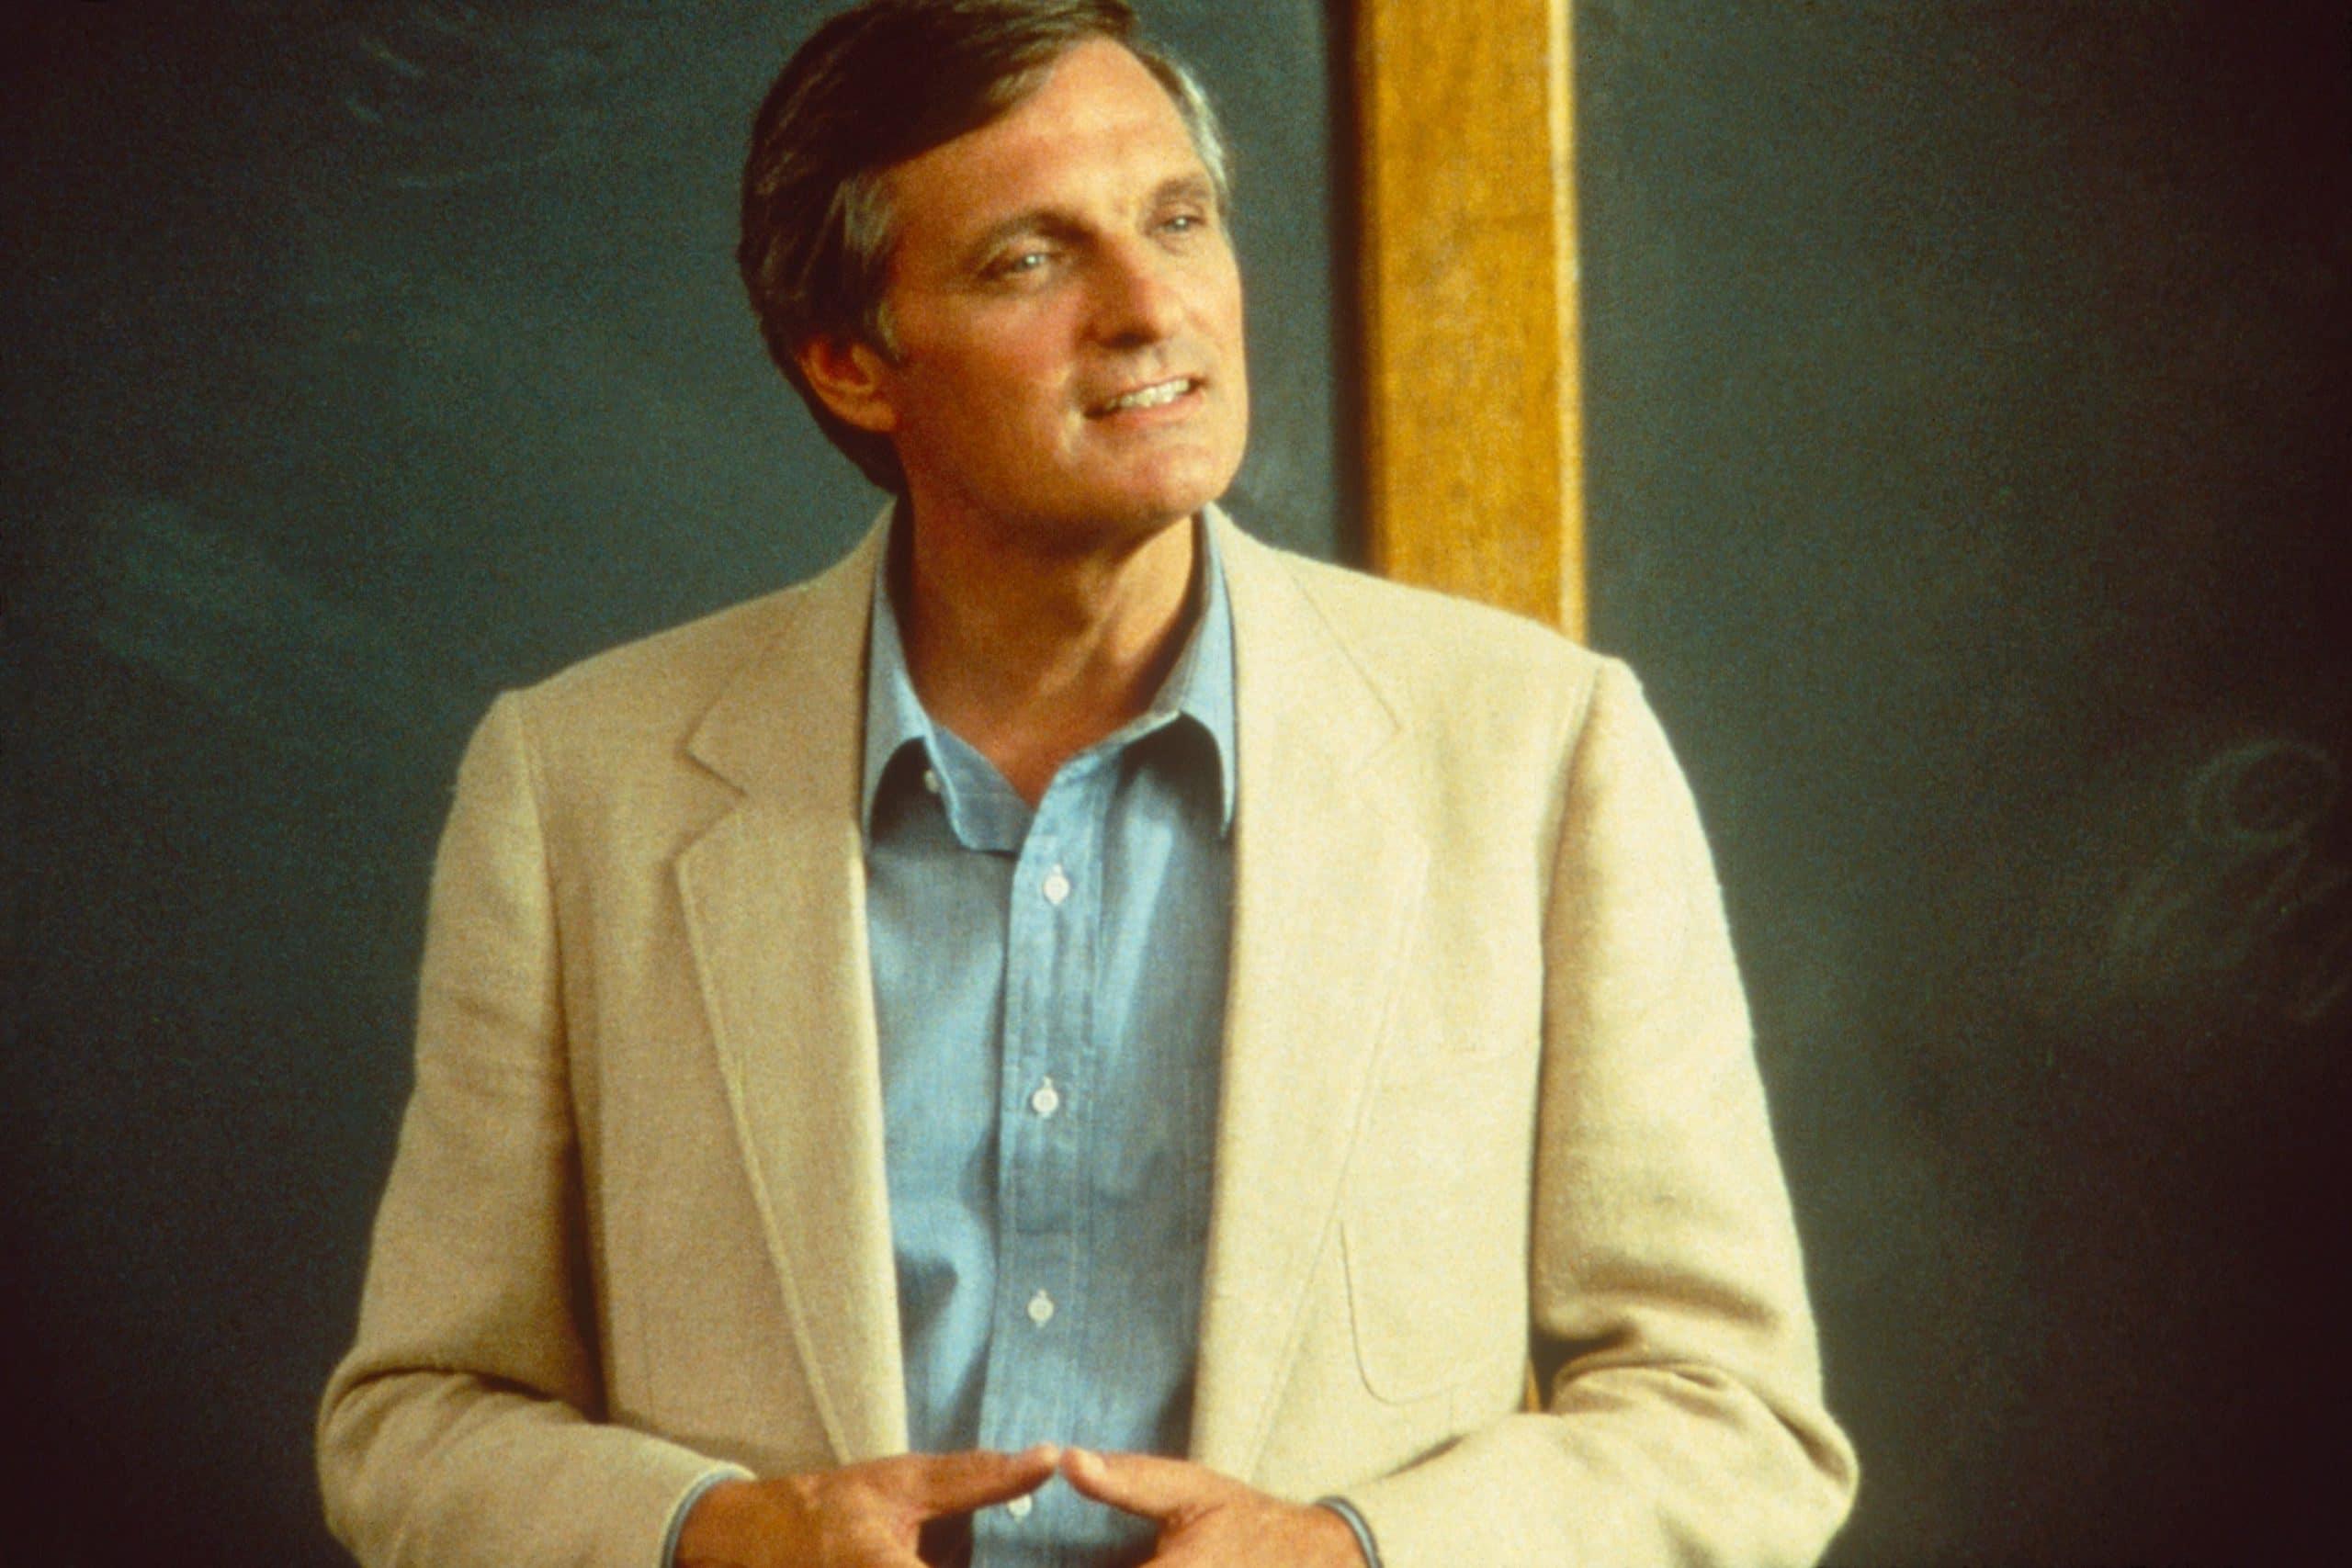 SWEET LIBERTY, Alan Alda, 1986